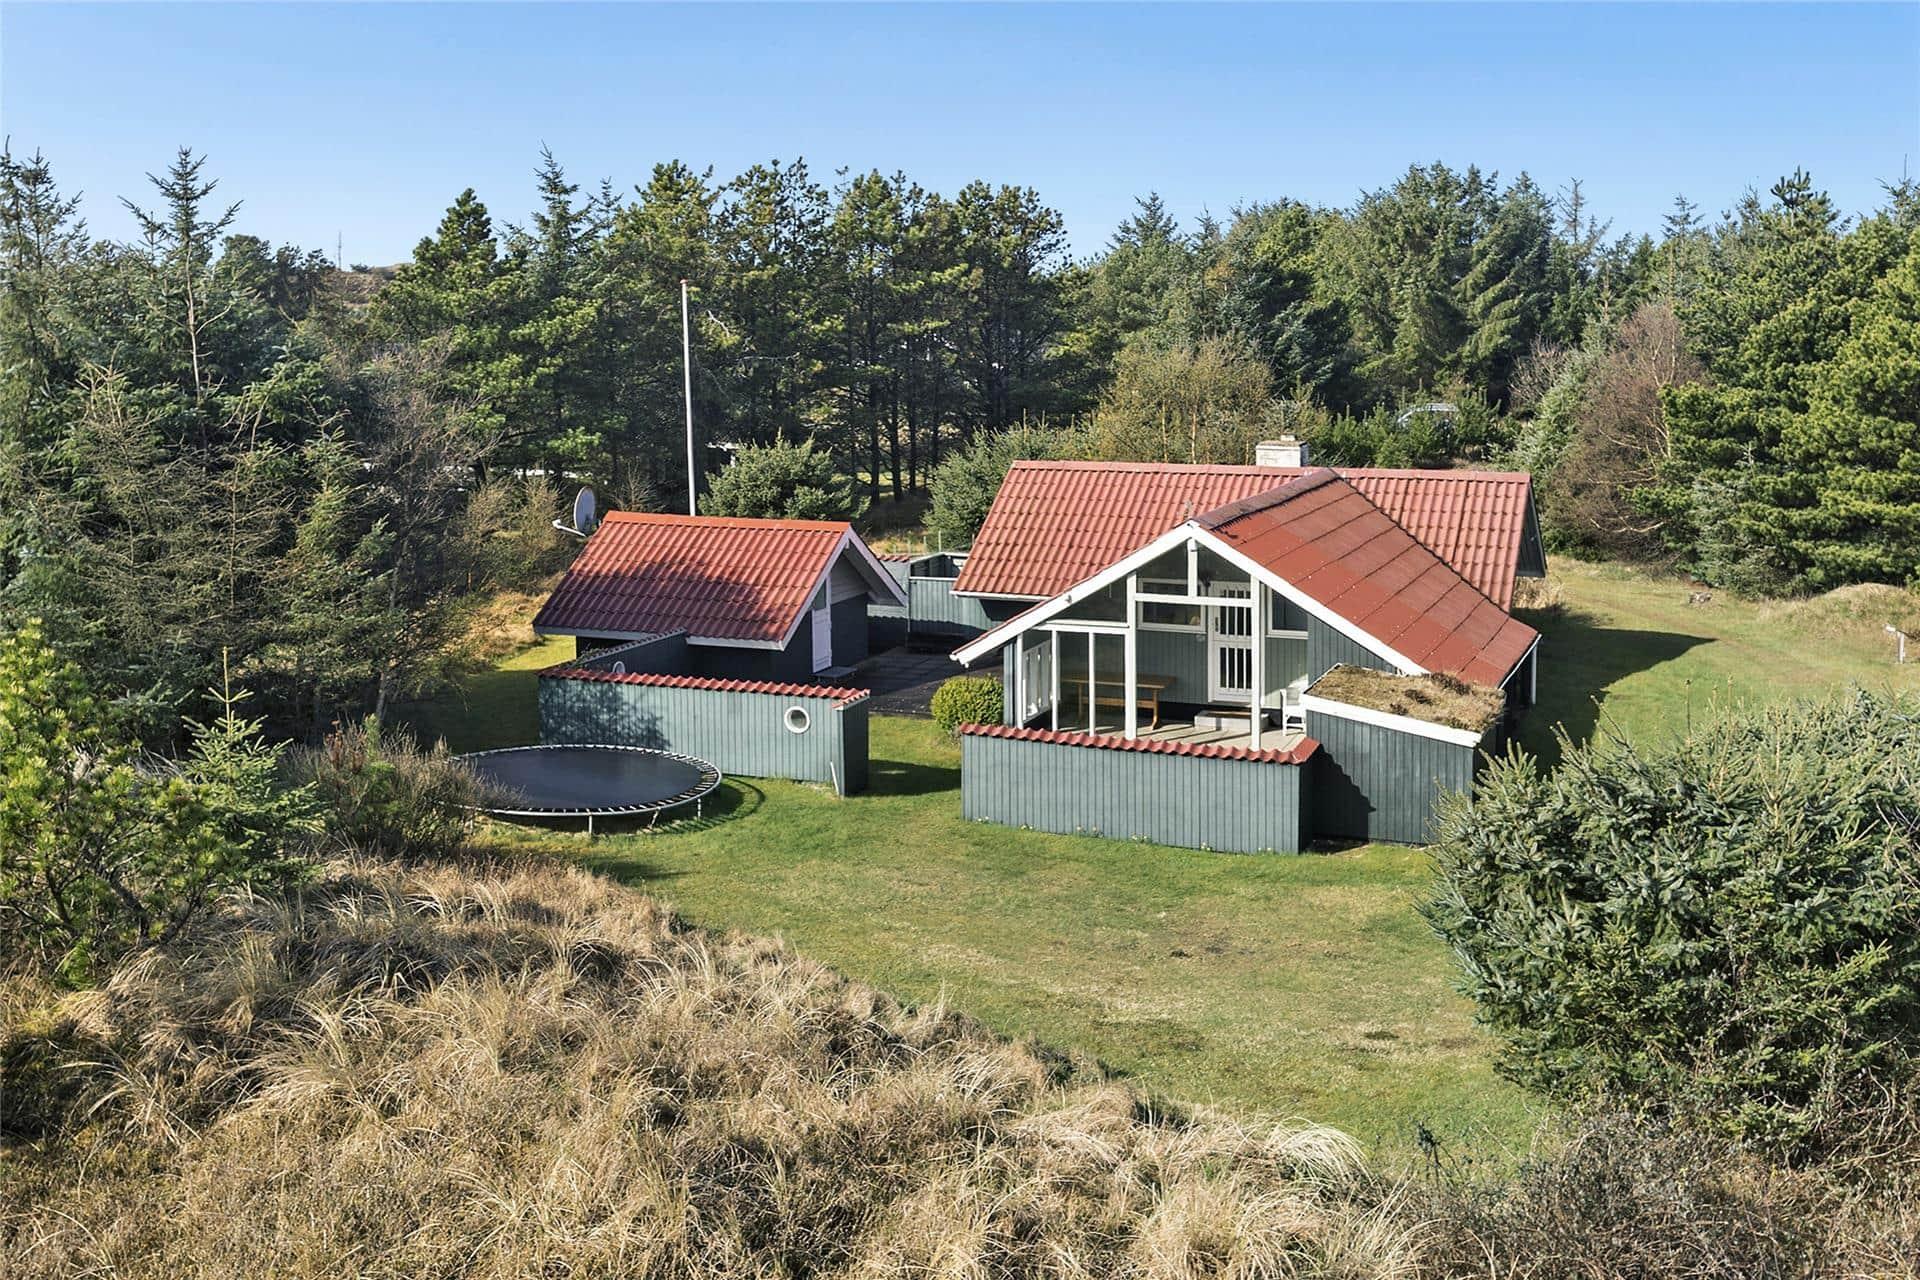 Afbeelding 1-14 Vakantiehuis 1298, Nordborgvej 10, DK - 9493 Saltum